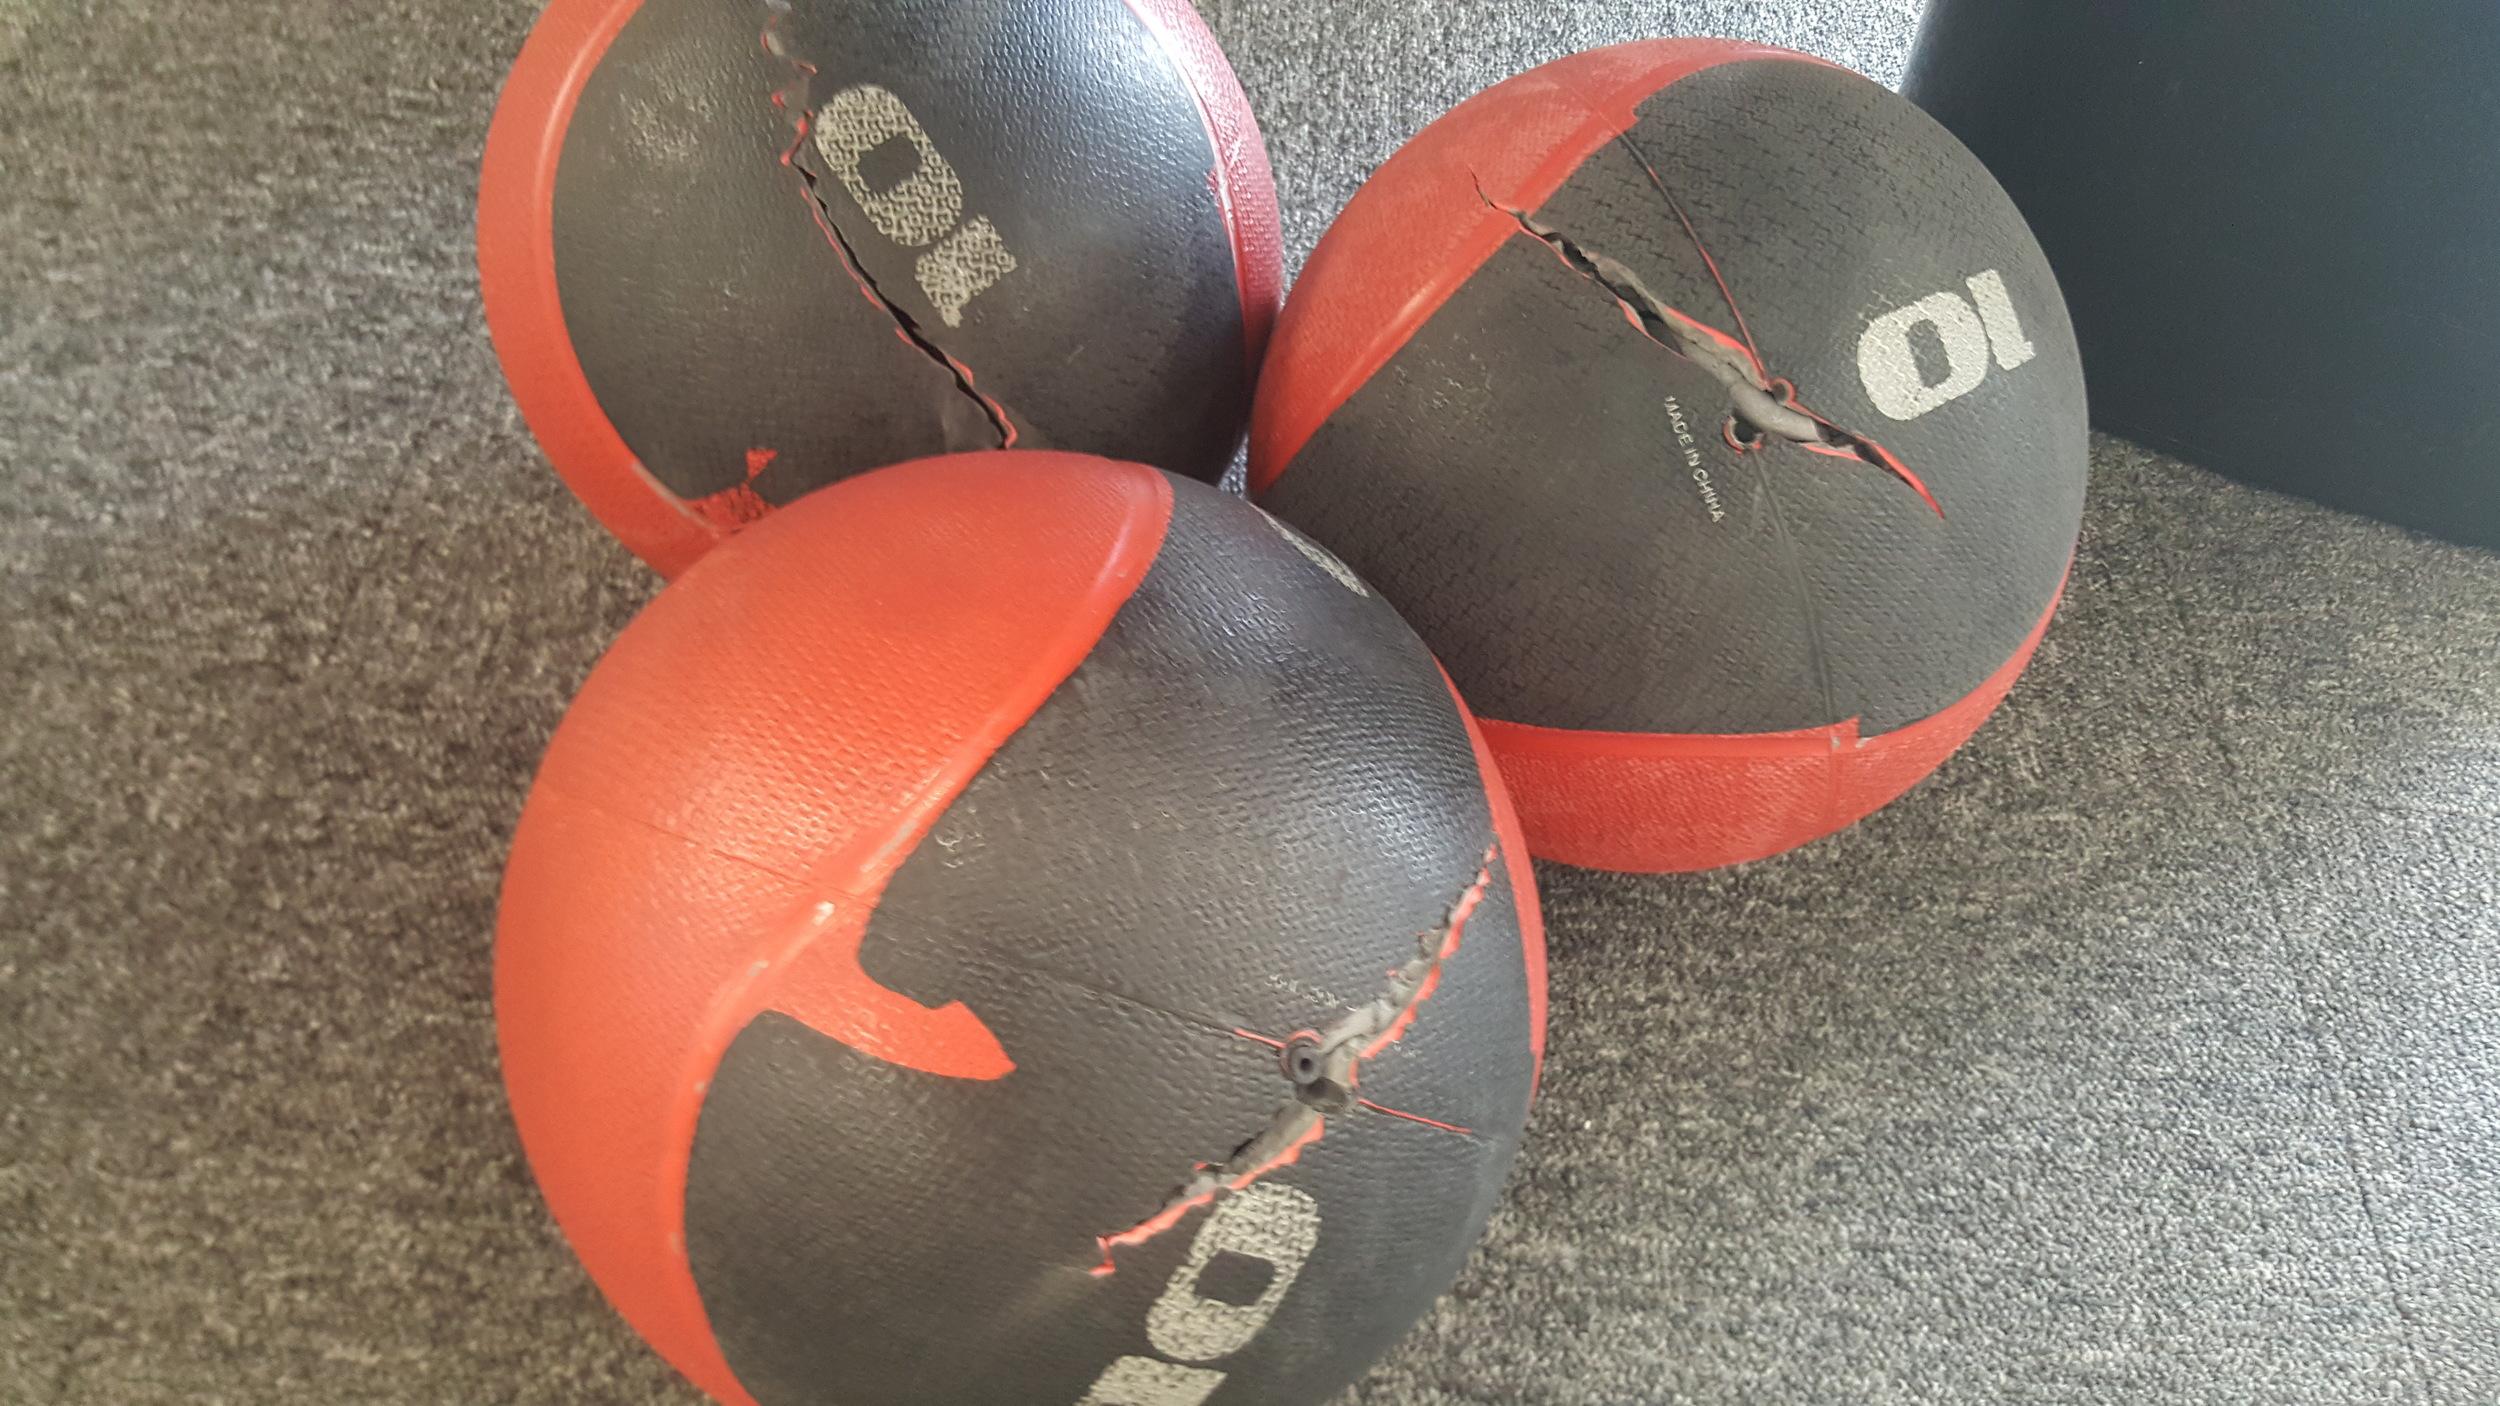 broken balls.jpg